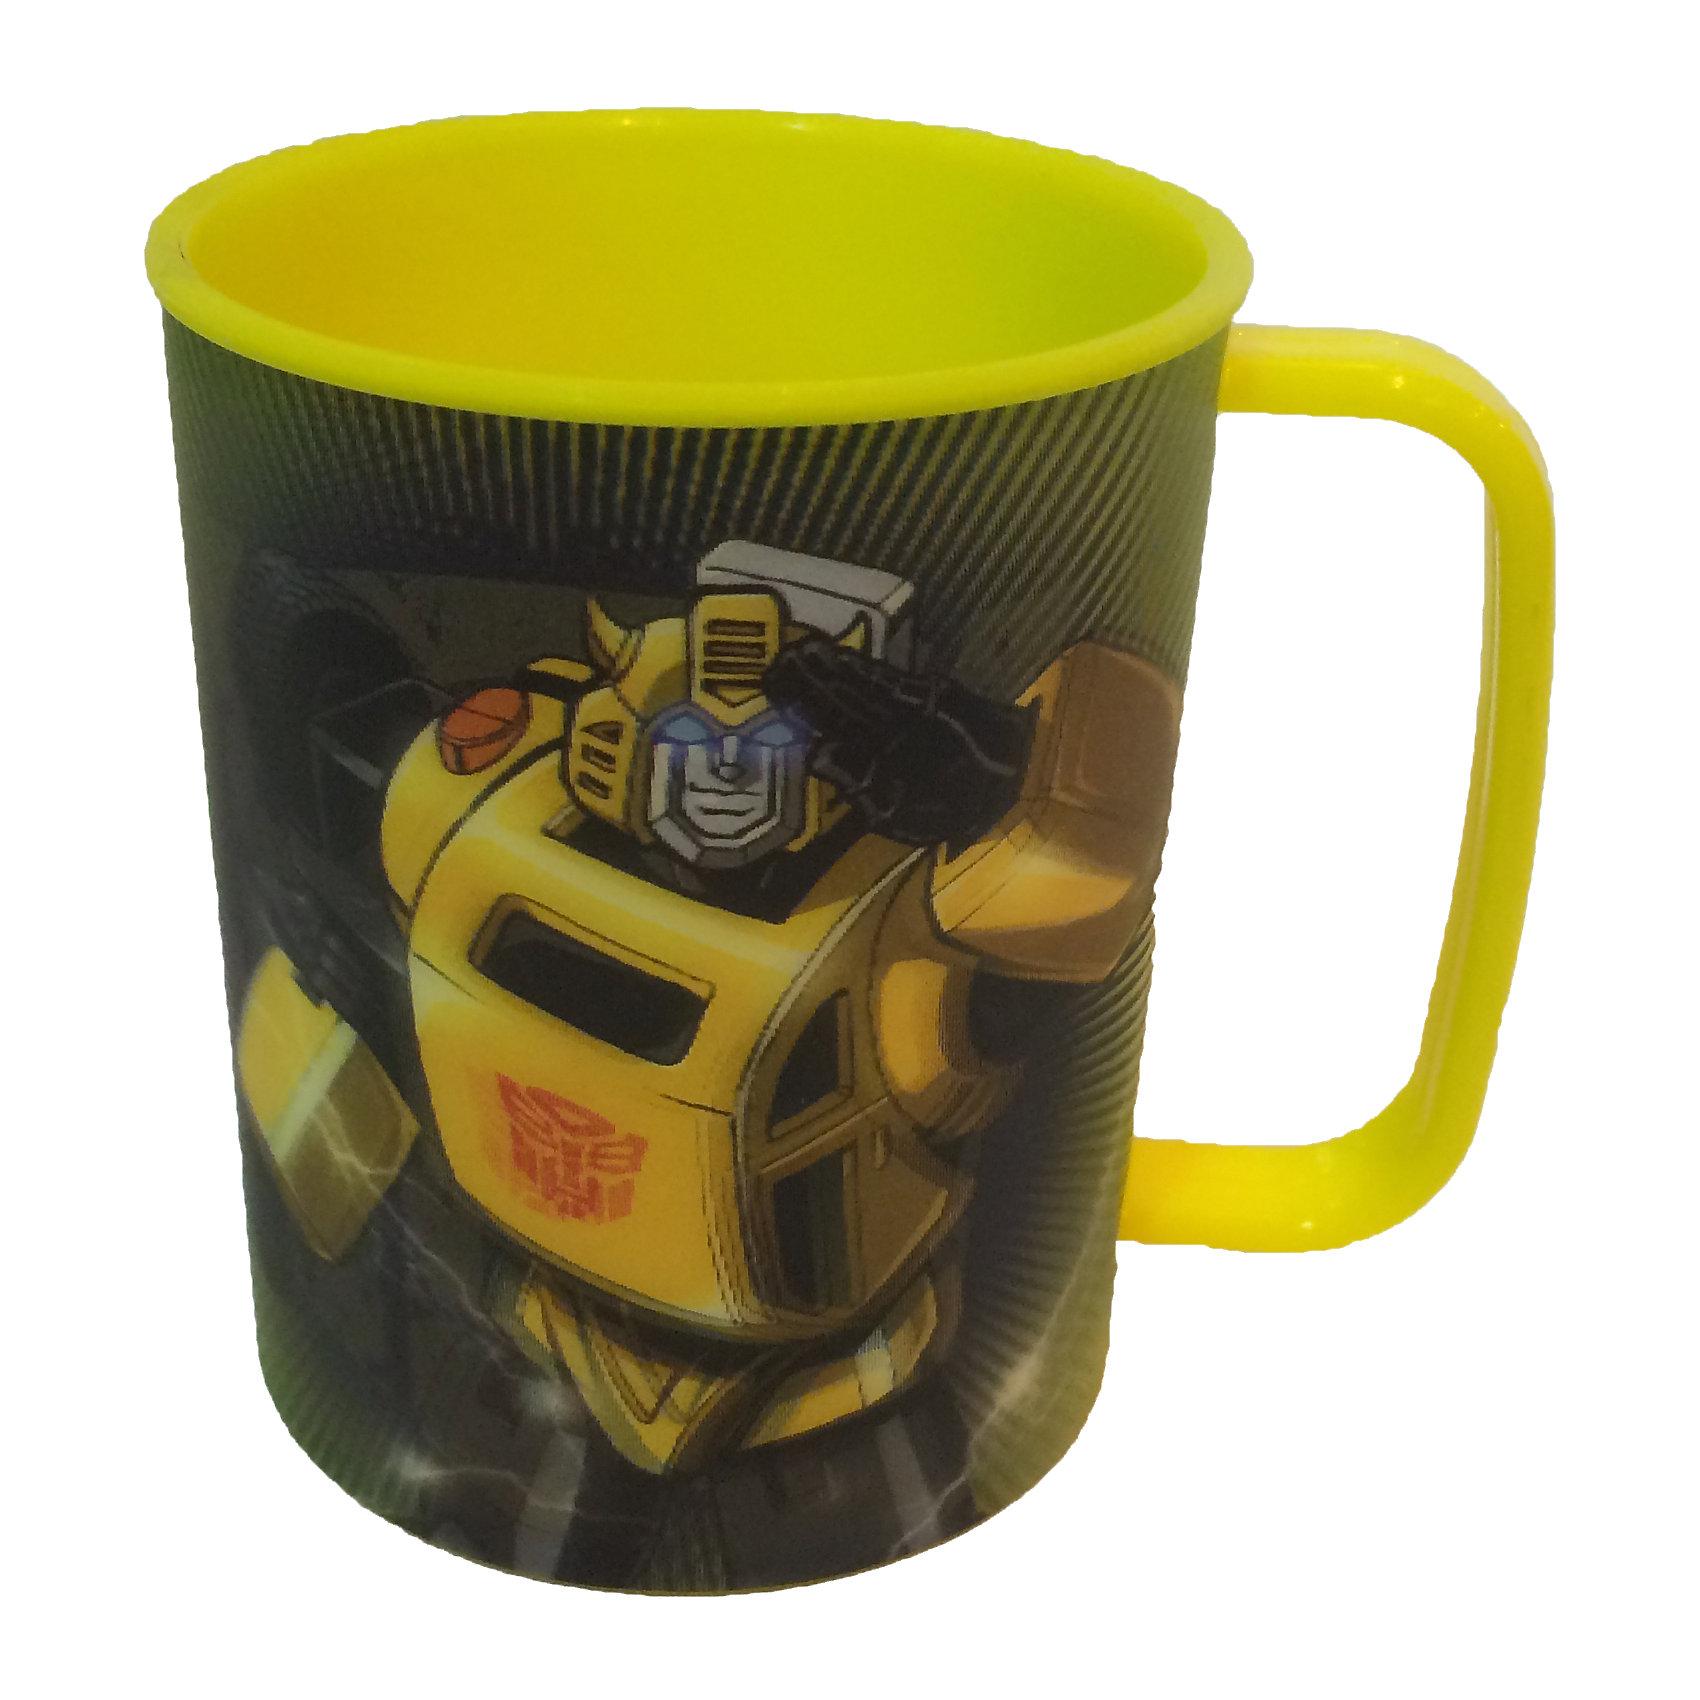 Желтая кружка 300 мл, ТрансформерыОригинальная детская кружка Трансформеры станет приятным сюрпризом для Вашего ребенка и отлично подойдет для повседневного использования. Кружка выполнена в ярком красочном дизайне по мотивам популярных фантастических фильмов о роботах-трансформерах Transformers и украшена изображениями персонажей. Материал представляет собой качественный пищевой пластик, не вызывающий аллергии и безопасный для детского здоровья. Имеется удобная для ребенка ручка и закругленные края.<br><br>Дополнительная информация:<br><br>- Материал: пластик.<br>- Объем: 300 мл.<br>- Размер упаковки: 7,5 х 9 х 10 см.<br>- Вес: 0,52 кг.<br><br>Желтую кружку Трансформеры,  можно купить в нашем интернет-магазине.<br><br>Ширина мм: 7<br>Глубина мм: 90<br>Высота мм: 100<br>Вес г: 52<br>Возраст от месяцев: 36<br>Возраст до месяцев: 168<br>Пол: Мужской<br>Возраст: Детский<br>SKU: 4093854